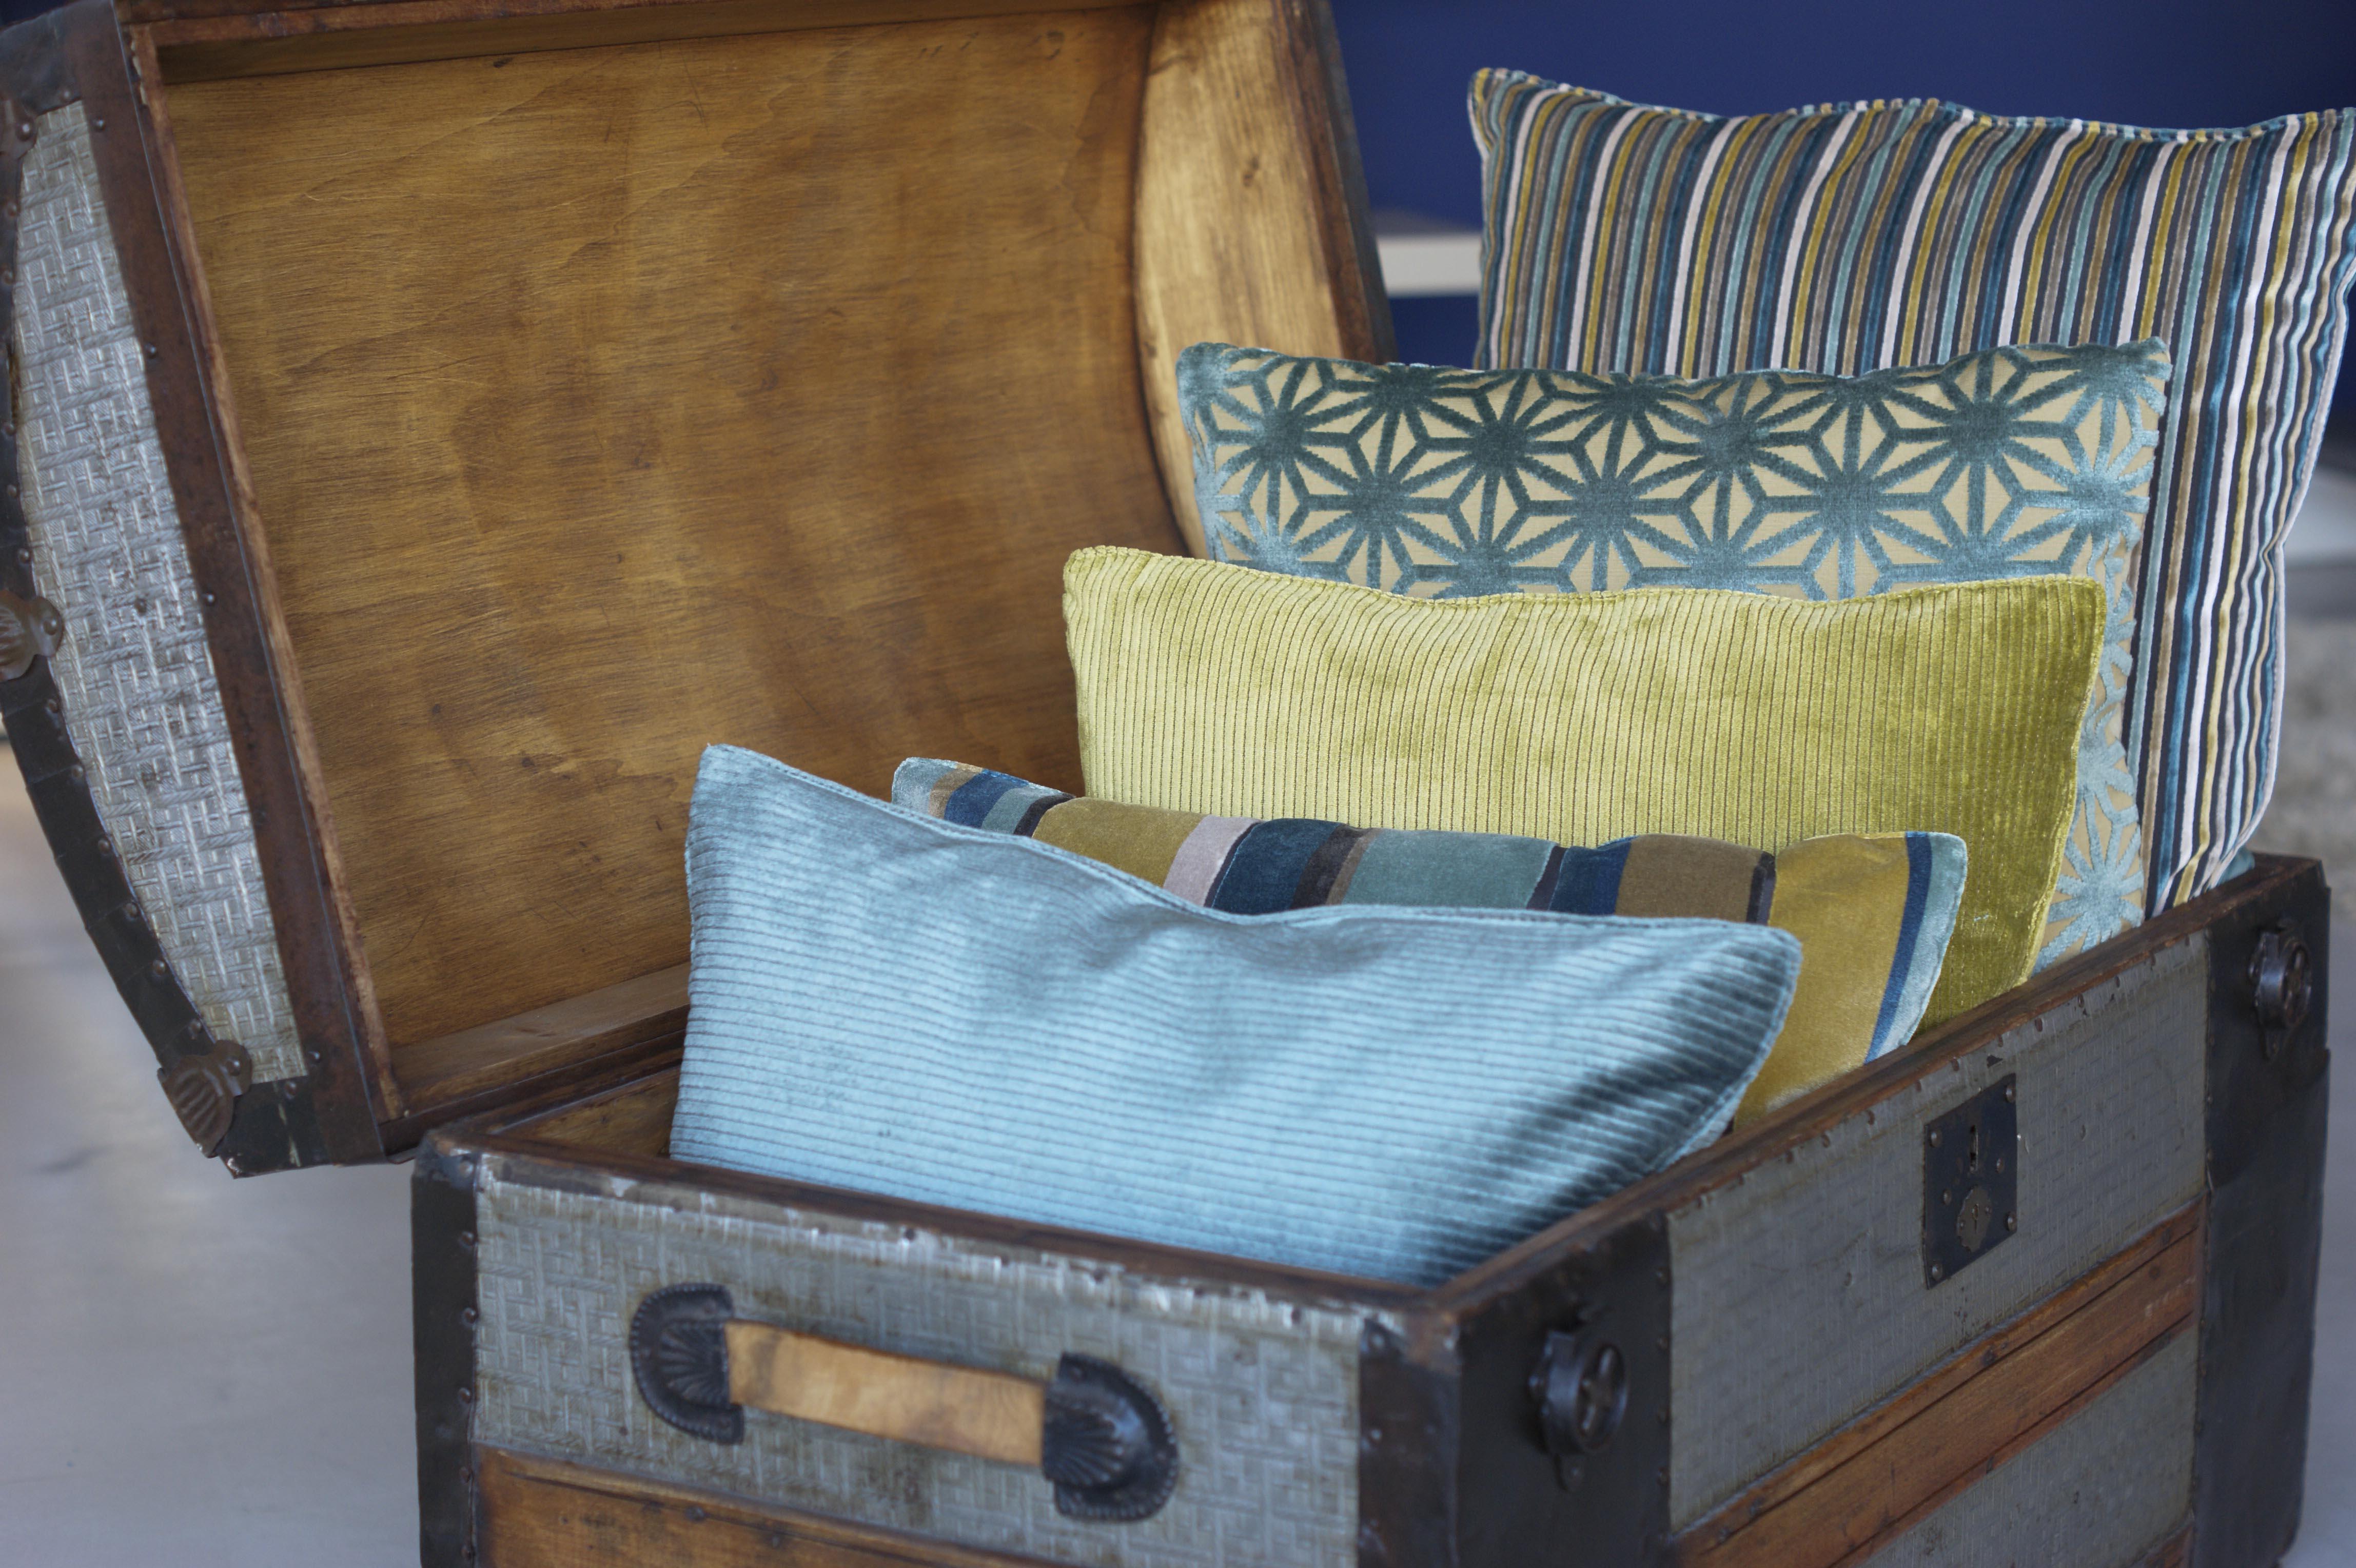 Berto pillows with Romo fabrics